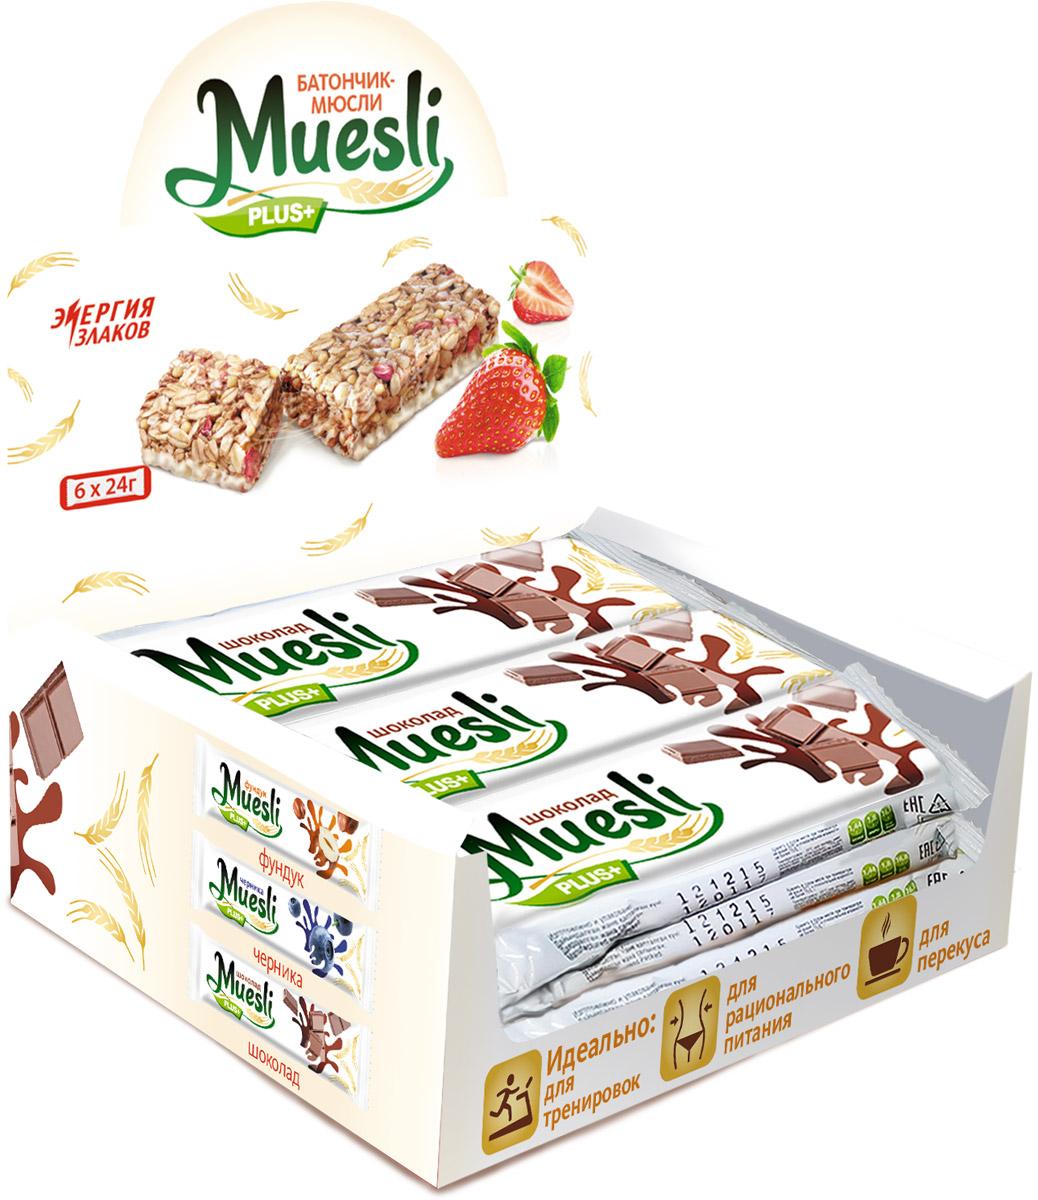 Matti Muesli Plus батончик мюсли шоколад, 6 шт по 24 г шоколад победа вкуса сливочный из сливок и цельного молока 100г